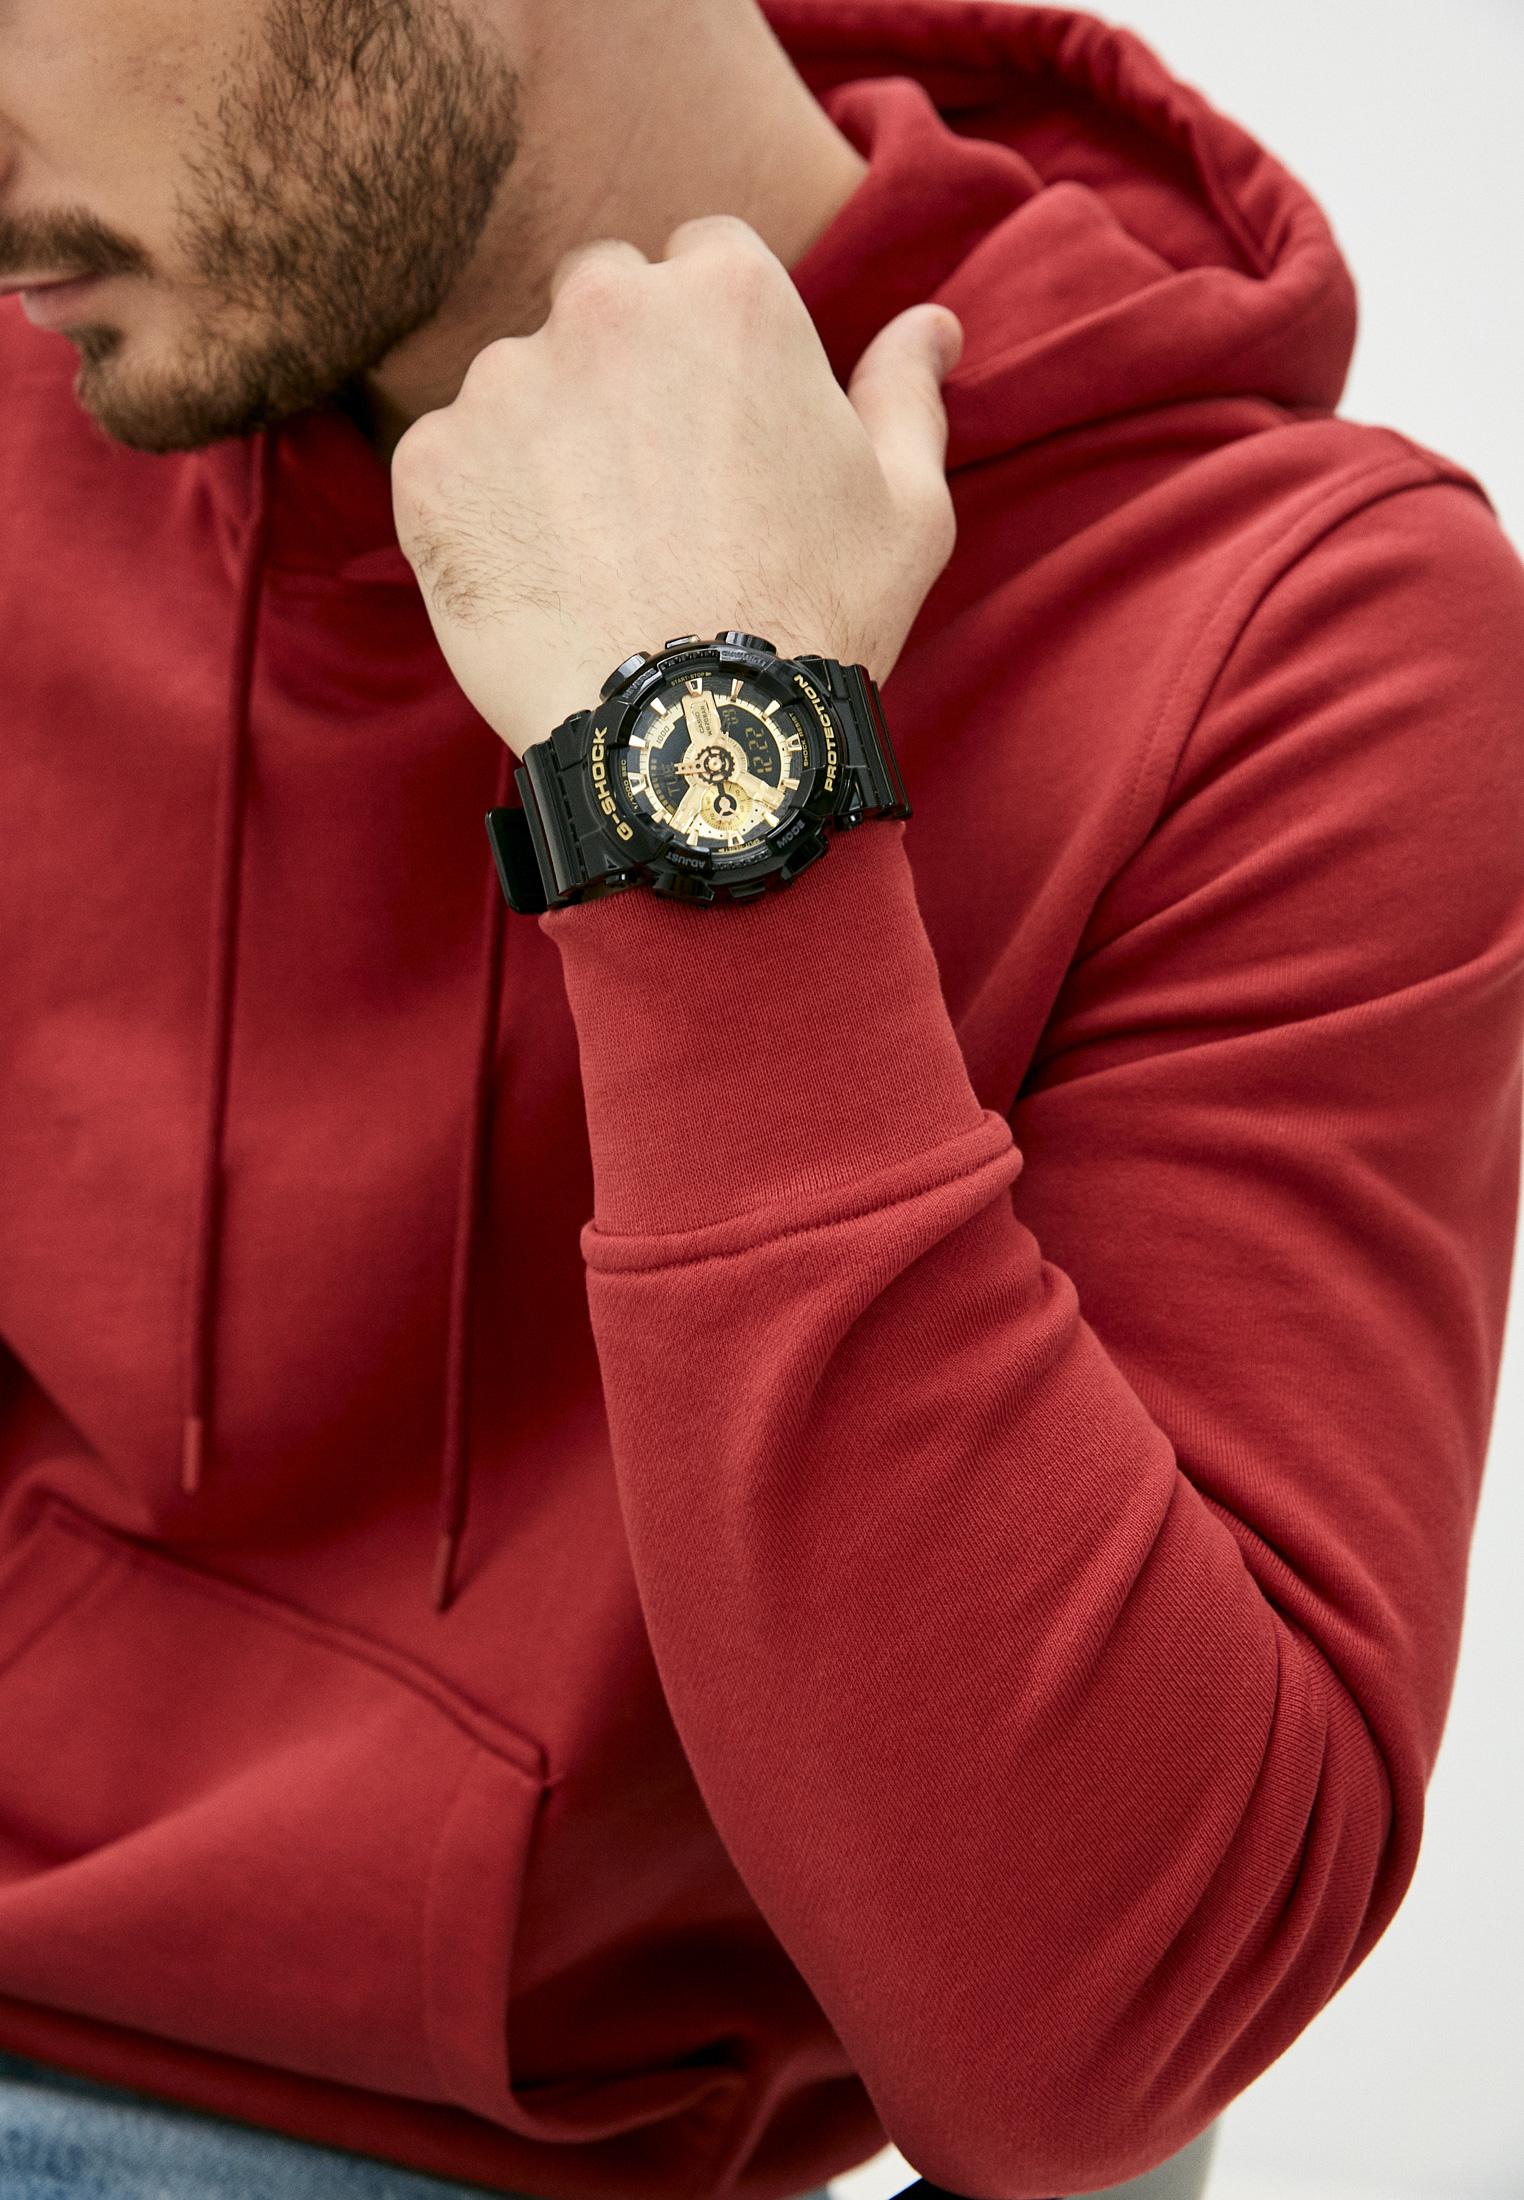 Мужские часы Casio GA-110GB-1A: изображение 6